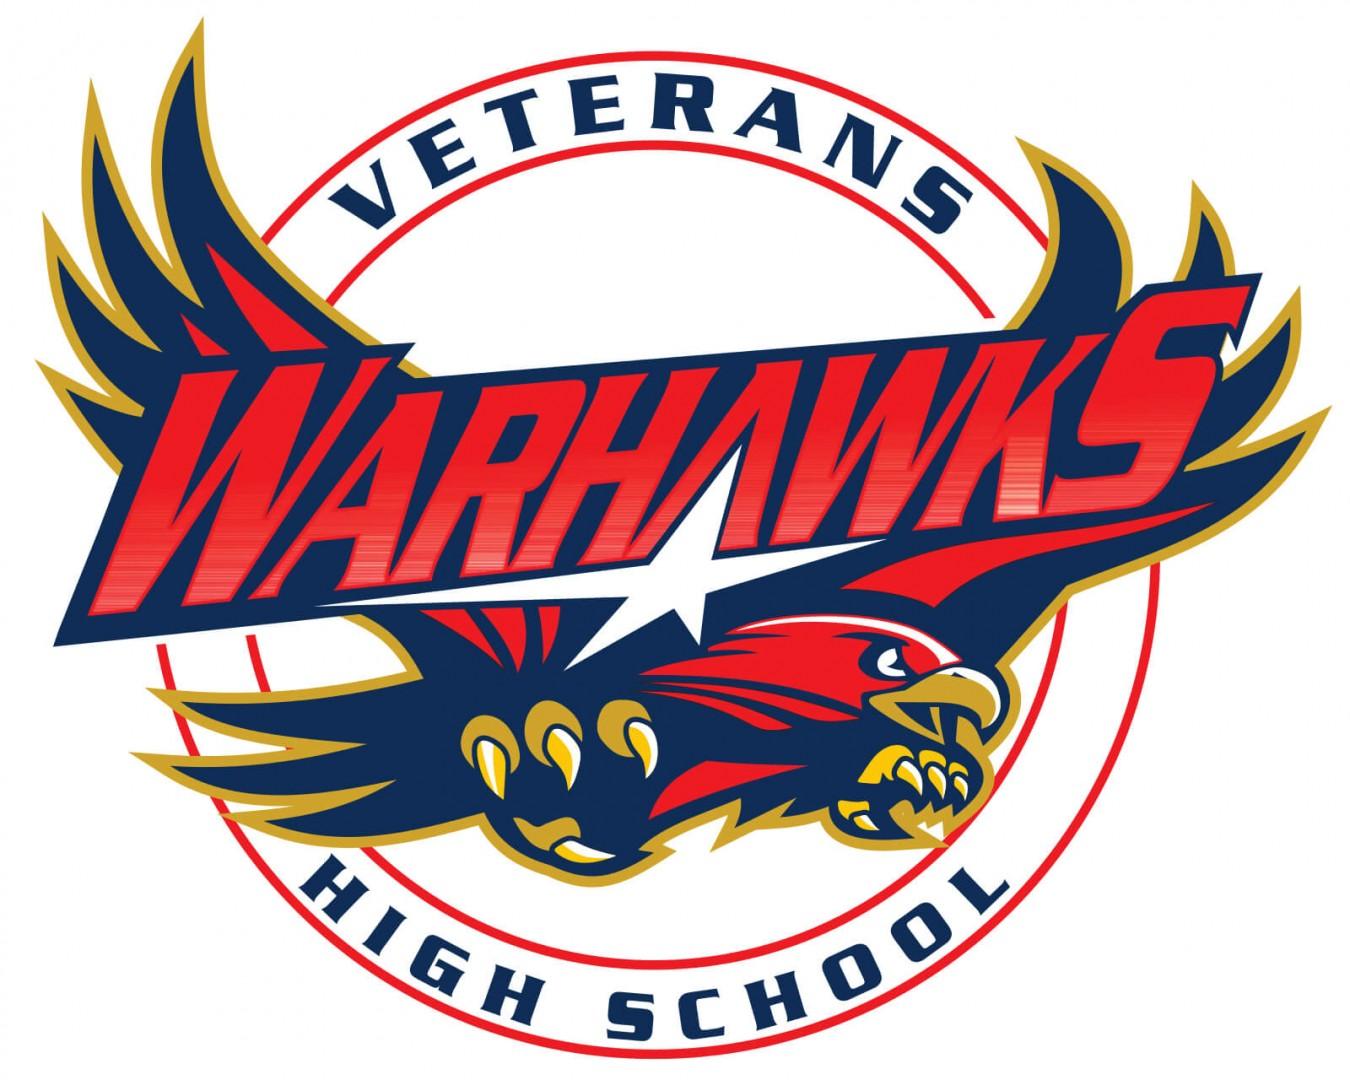 Vhswarhawks.com